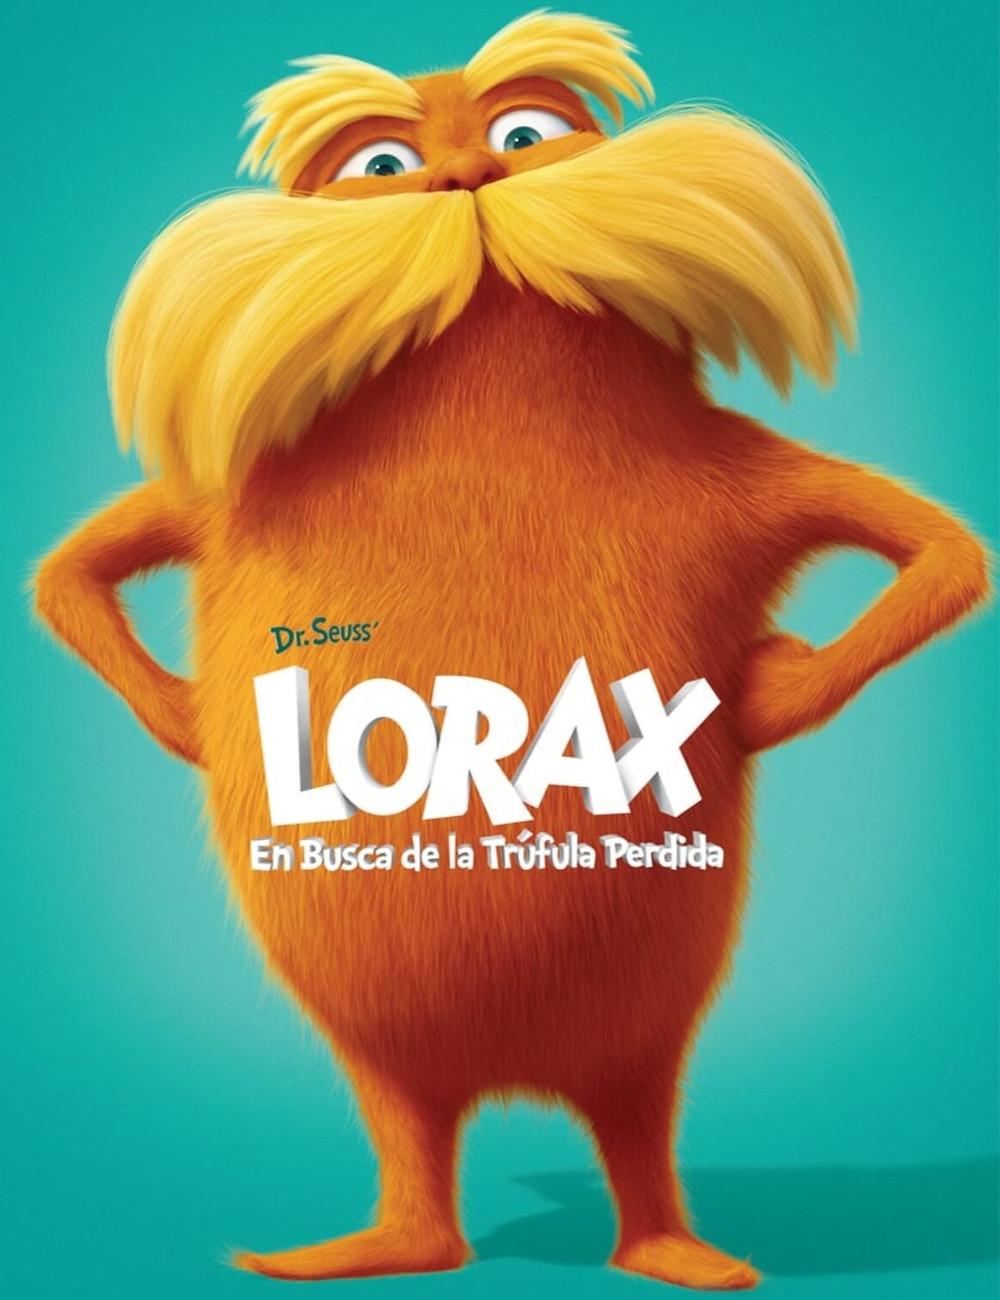 El Lorax